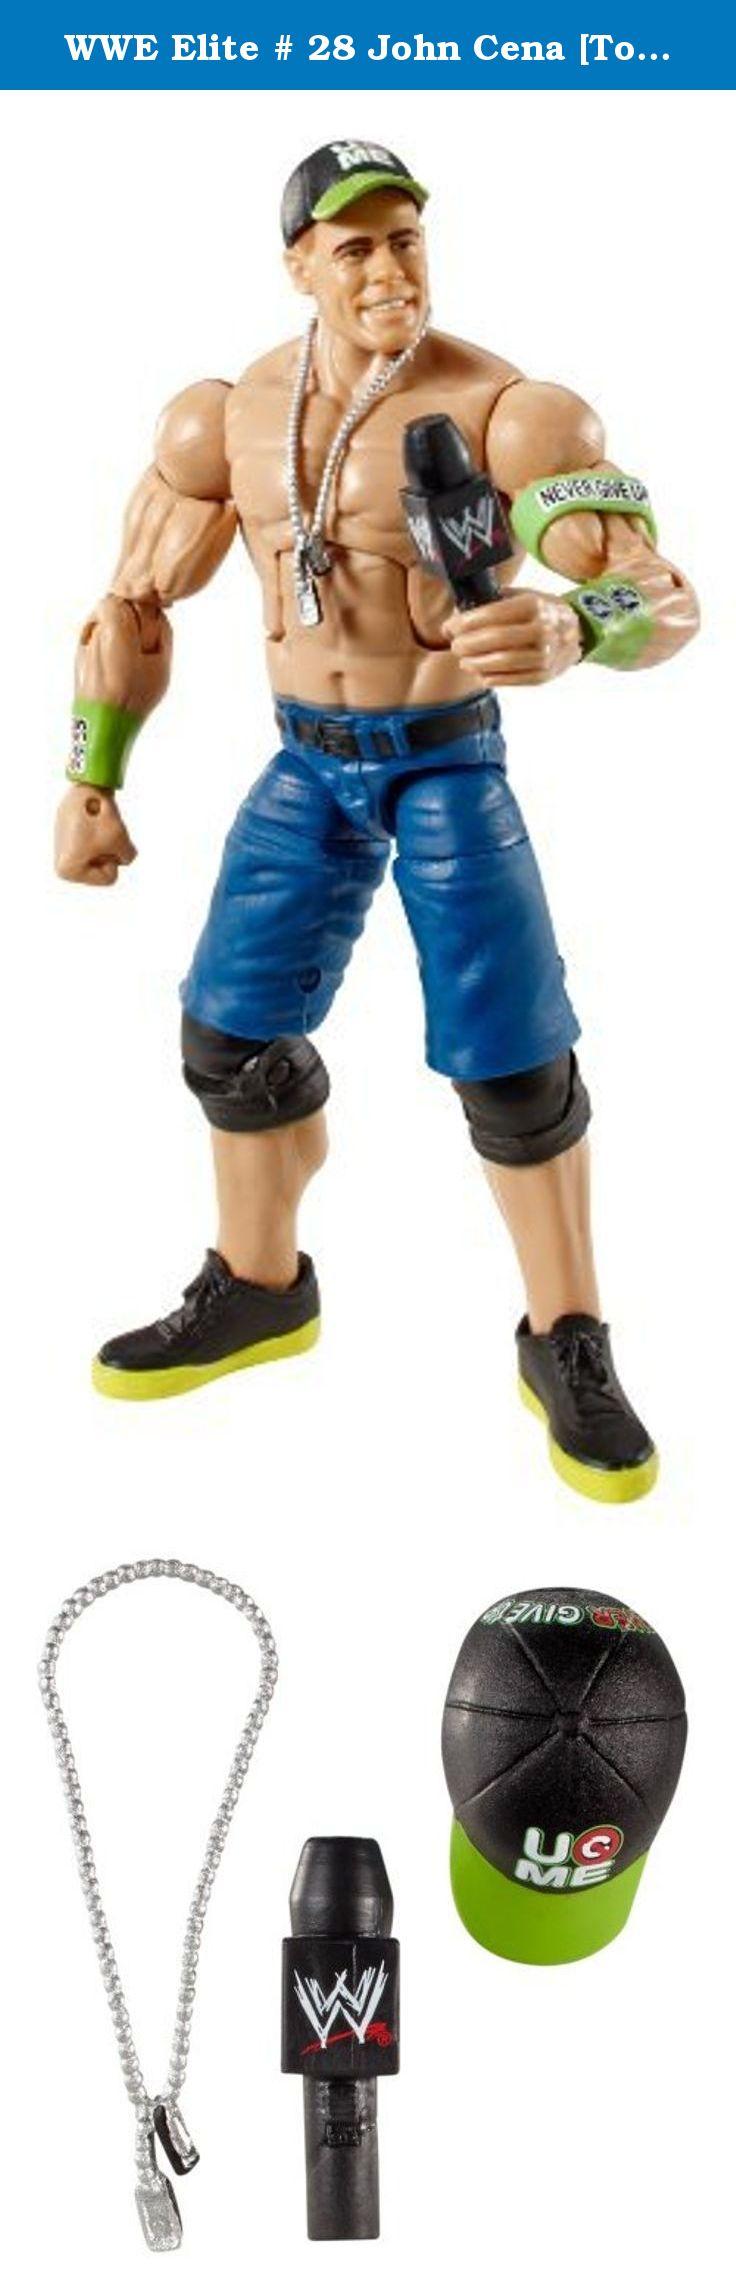 Uncategorized John Cena Games For Kids wwe elite 28 john cena toy hobby its shipped off from online games for kidsfraction